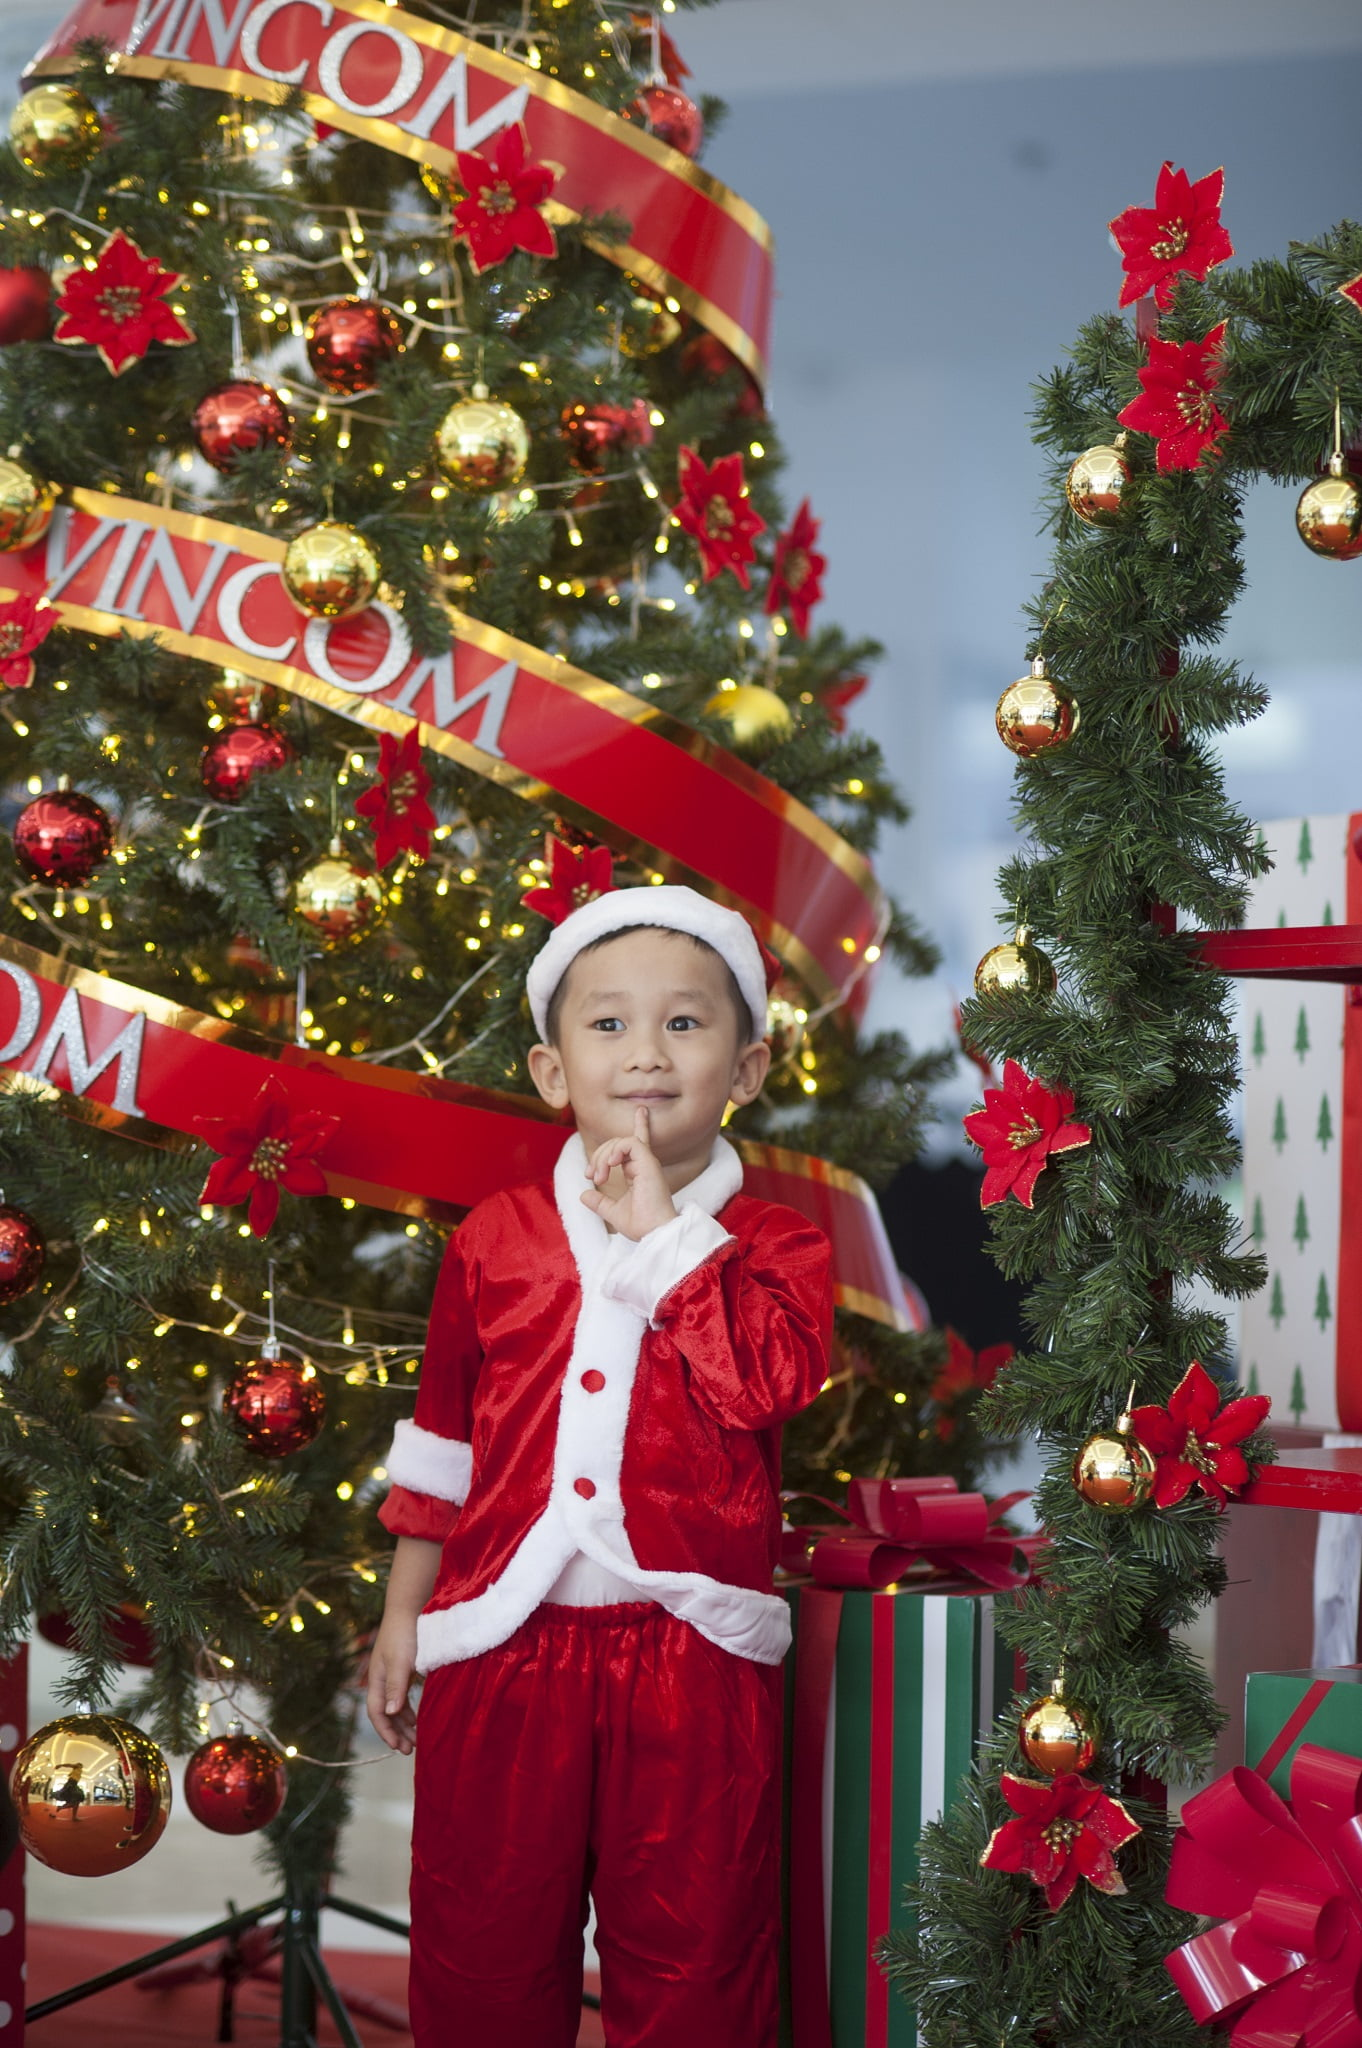 74 - Ảnh chụp bé Jindo 4 tuổi - KDL Bình quới 3 Tp.HCM